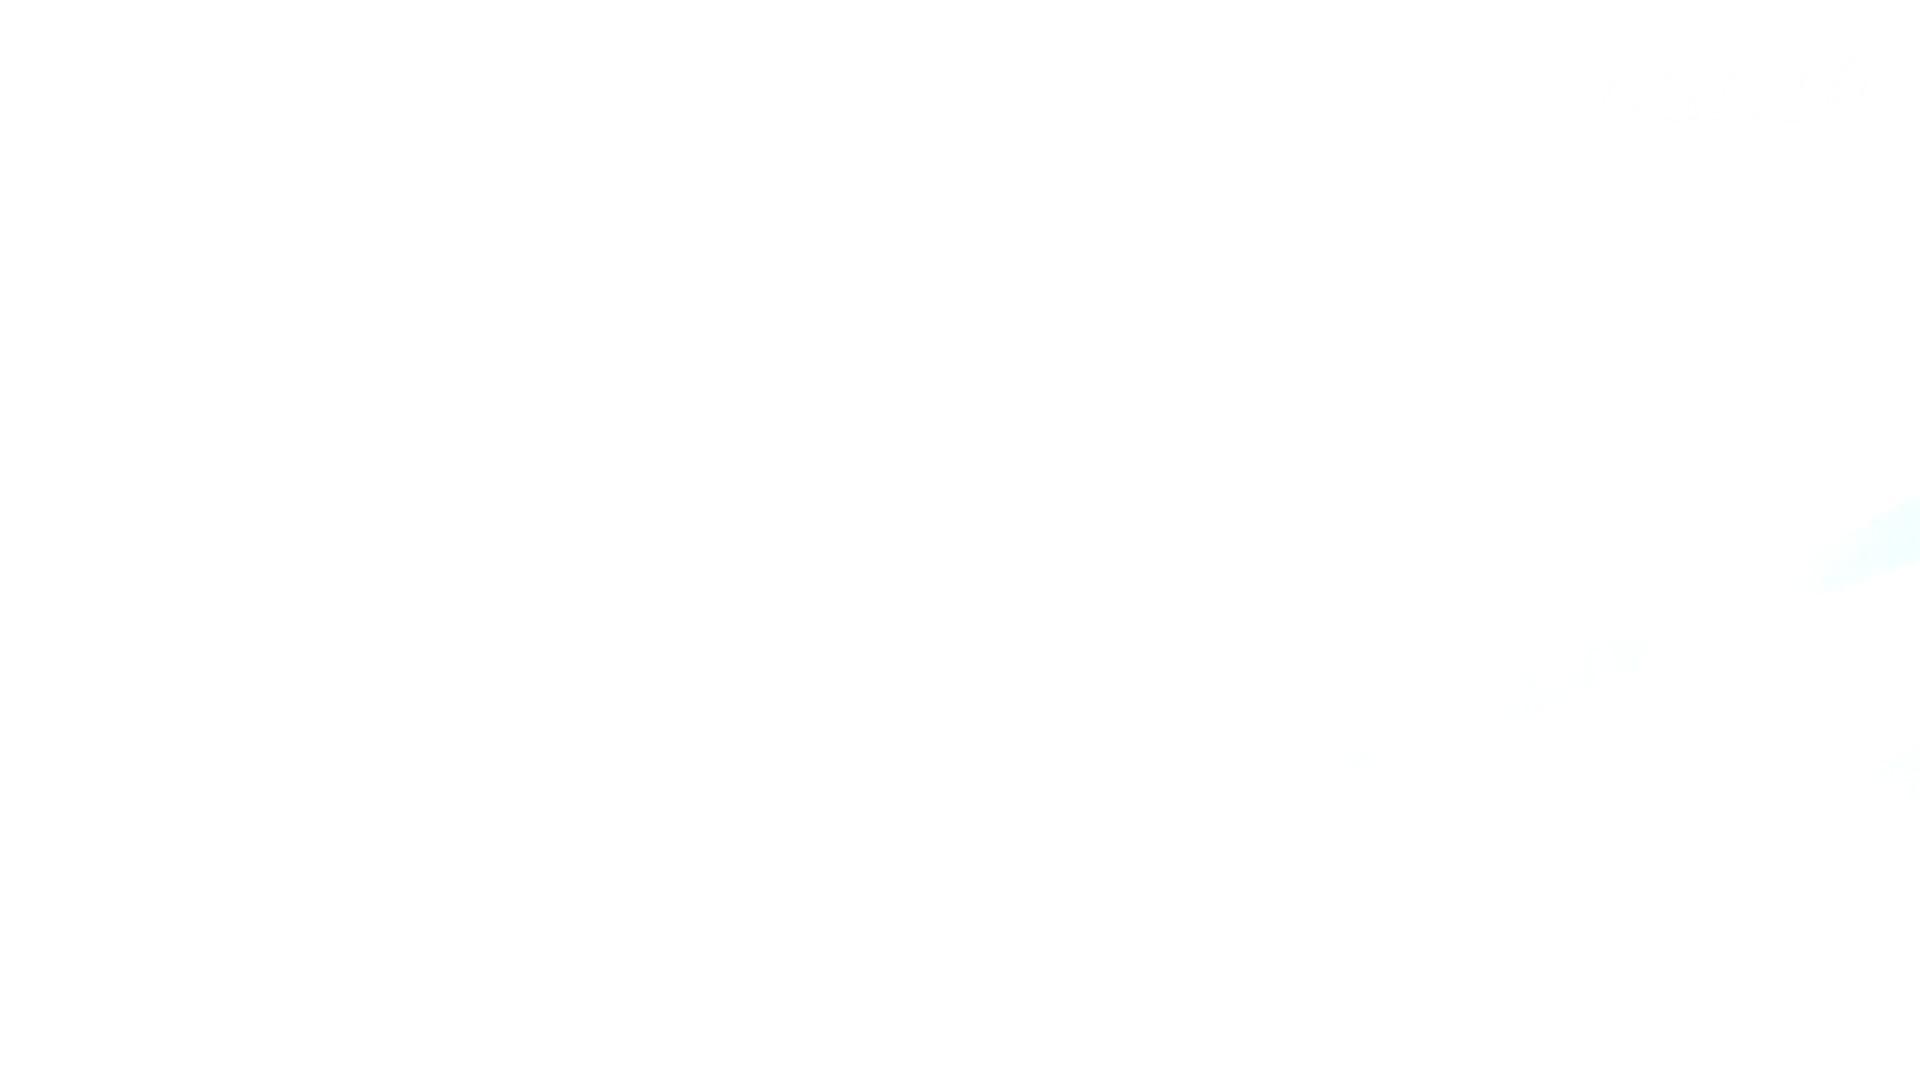 ▲復活限定▲ハイビジョン 盗神伝 Vol.24 丸見え  97枚 10